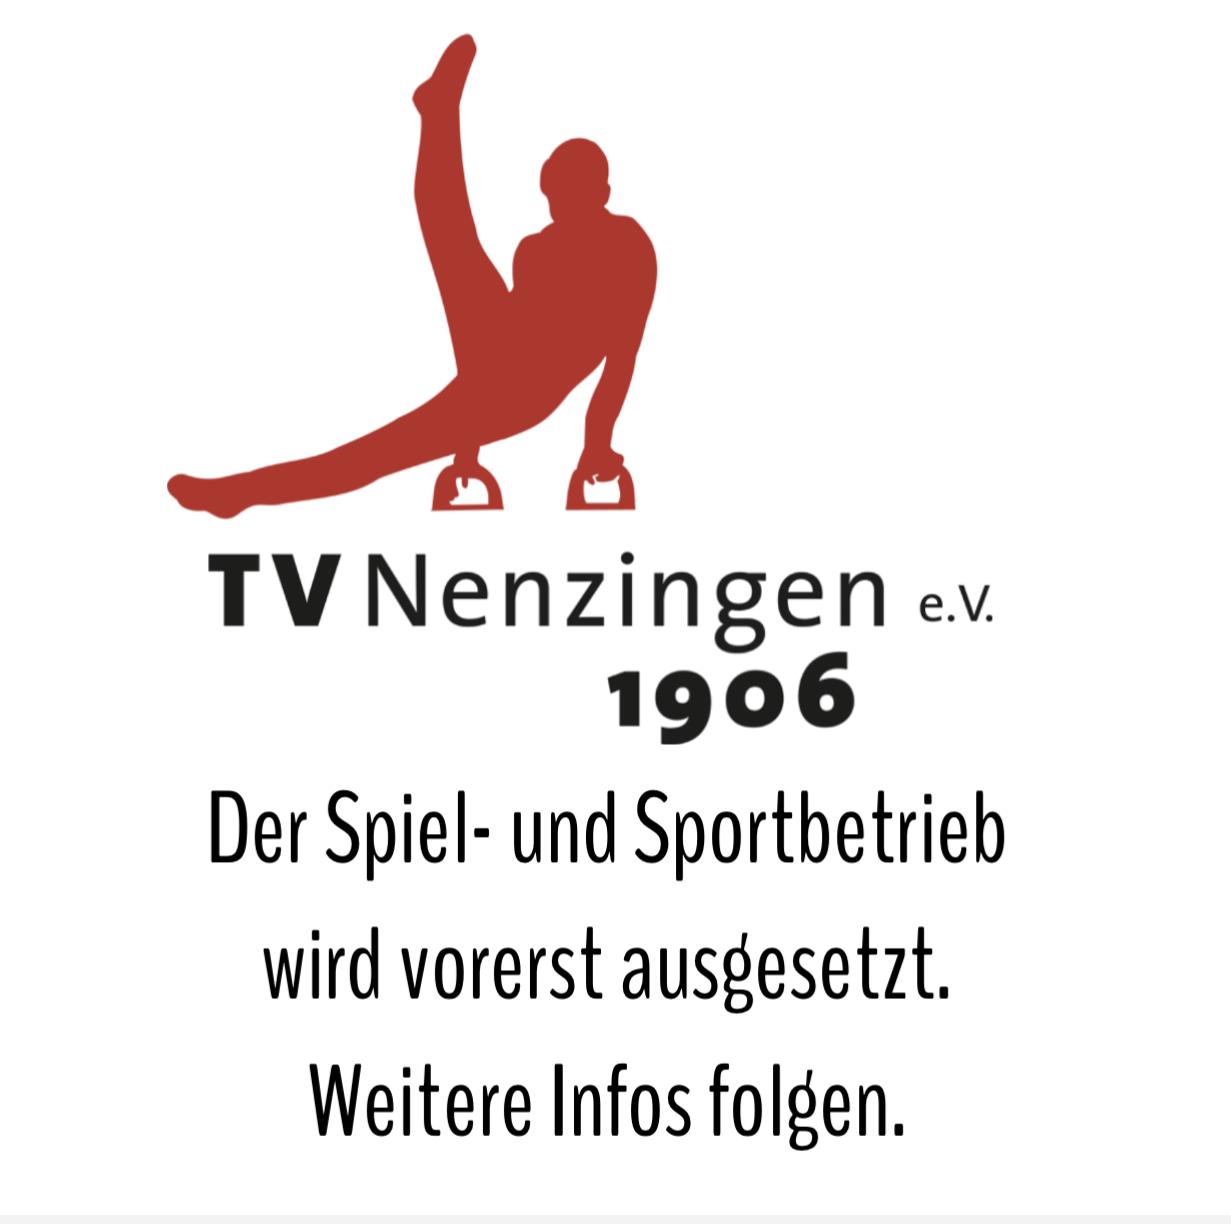 Spiel- und Sportbetrieb wird vorerst ausgesetzt